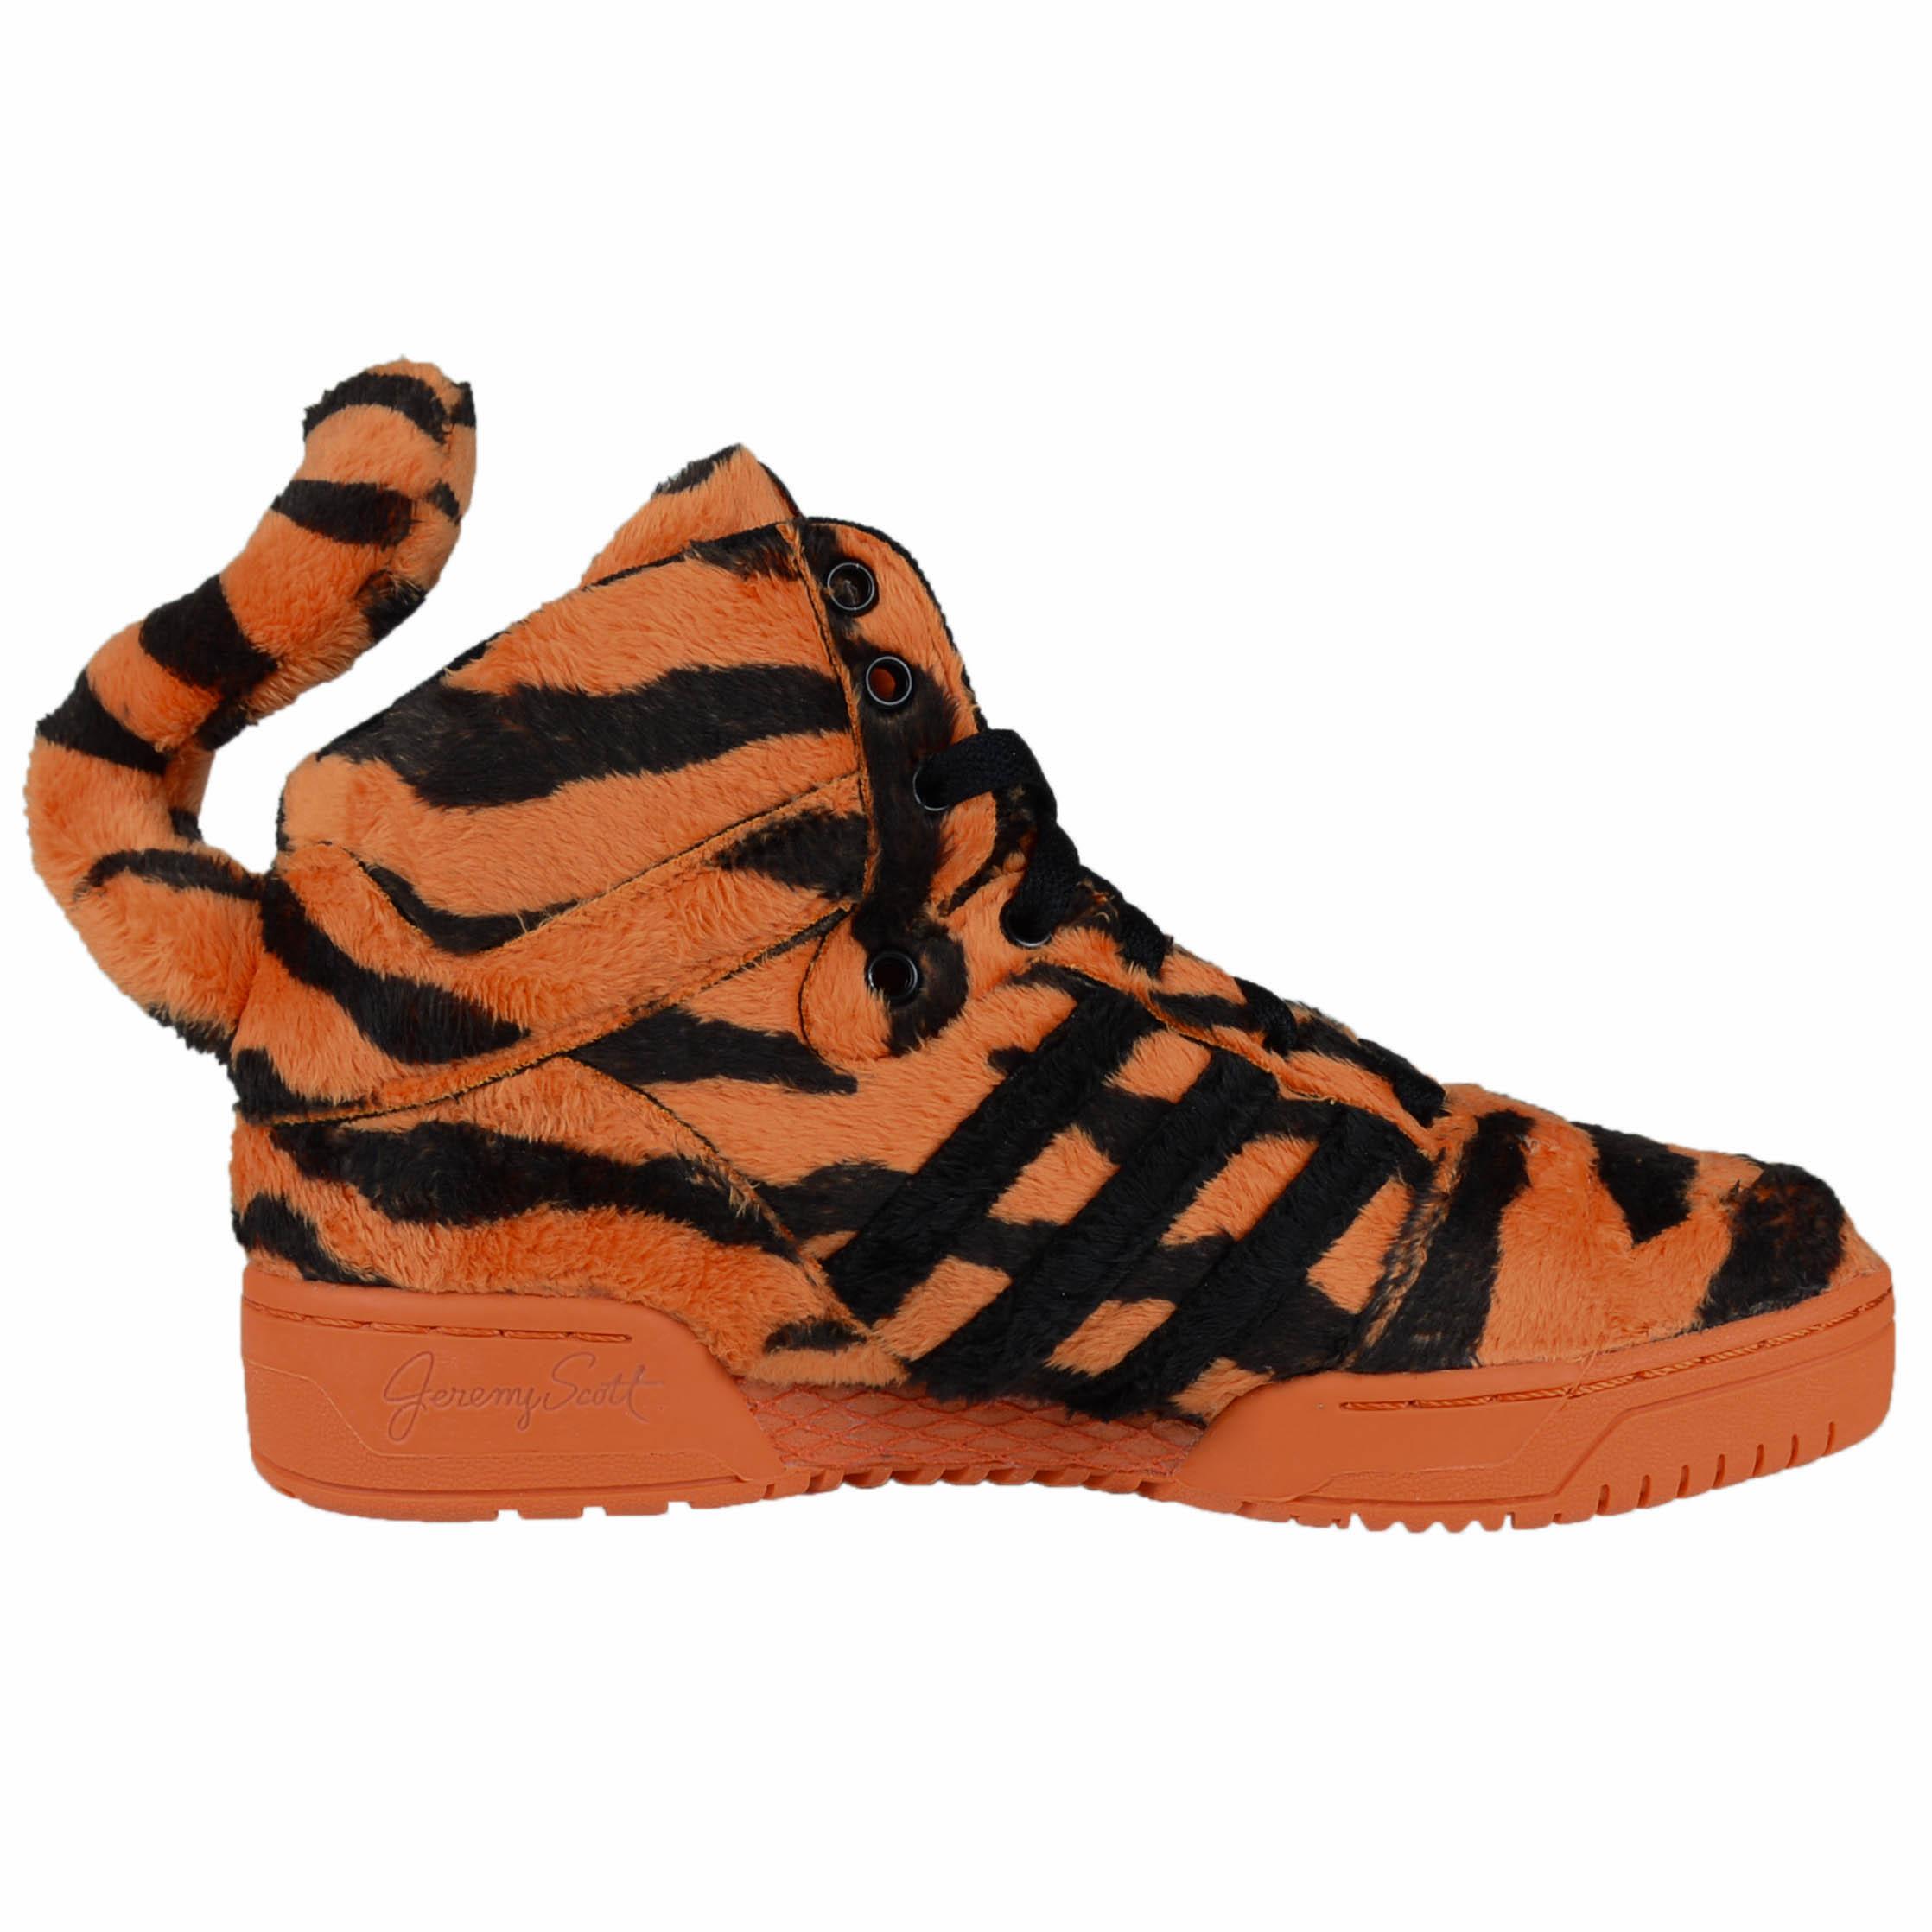 separation shoes d443f d629e ADIDAS X JEREMY SCOTT UNISEX JS TIGER FASHION SNEAKERS ORANGE BLACK M29010